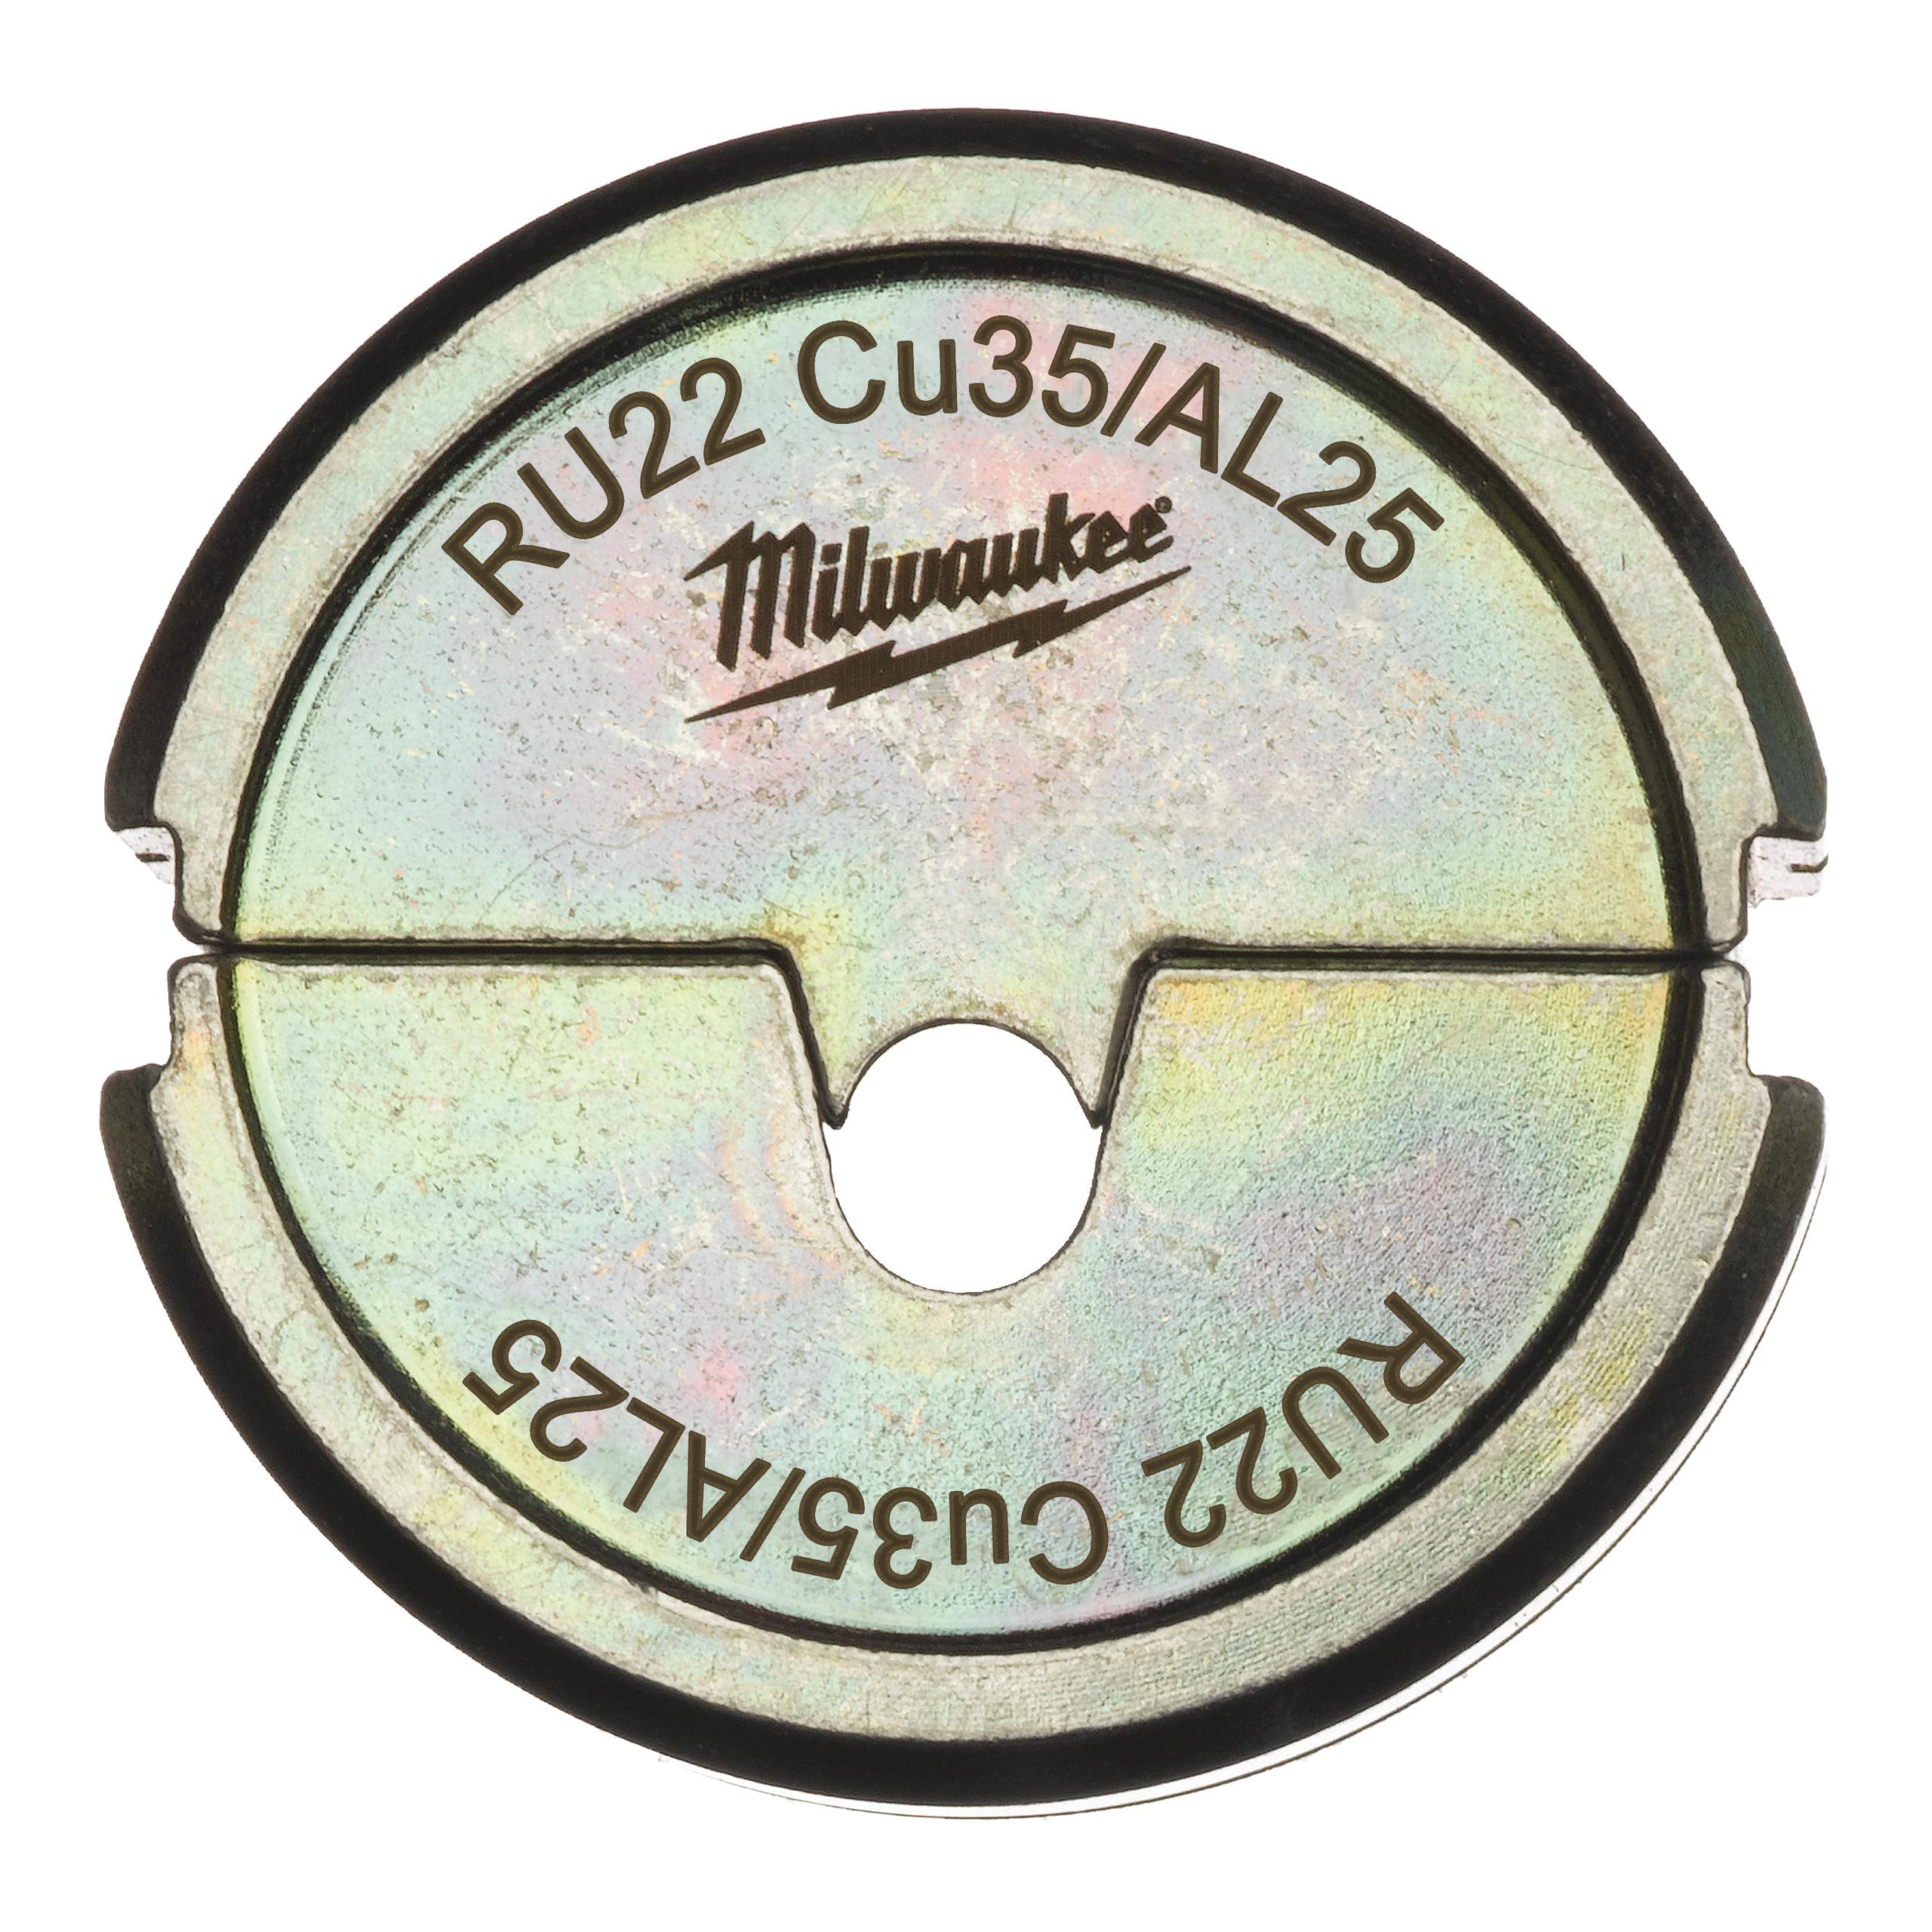 Krimpovací čelisti  RU22 Cu35/AL25